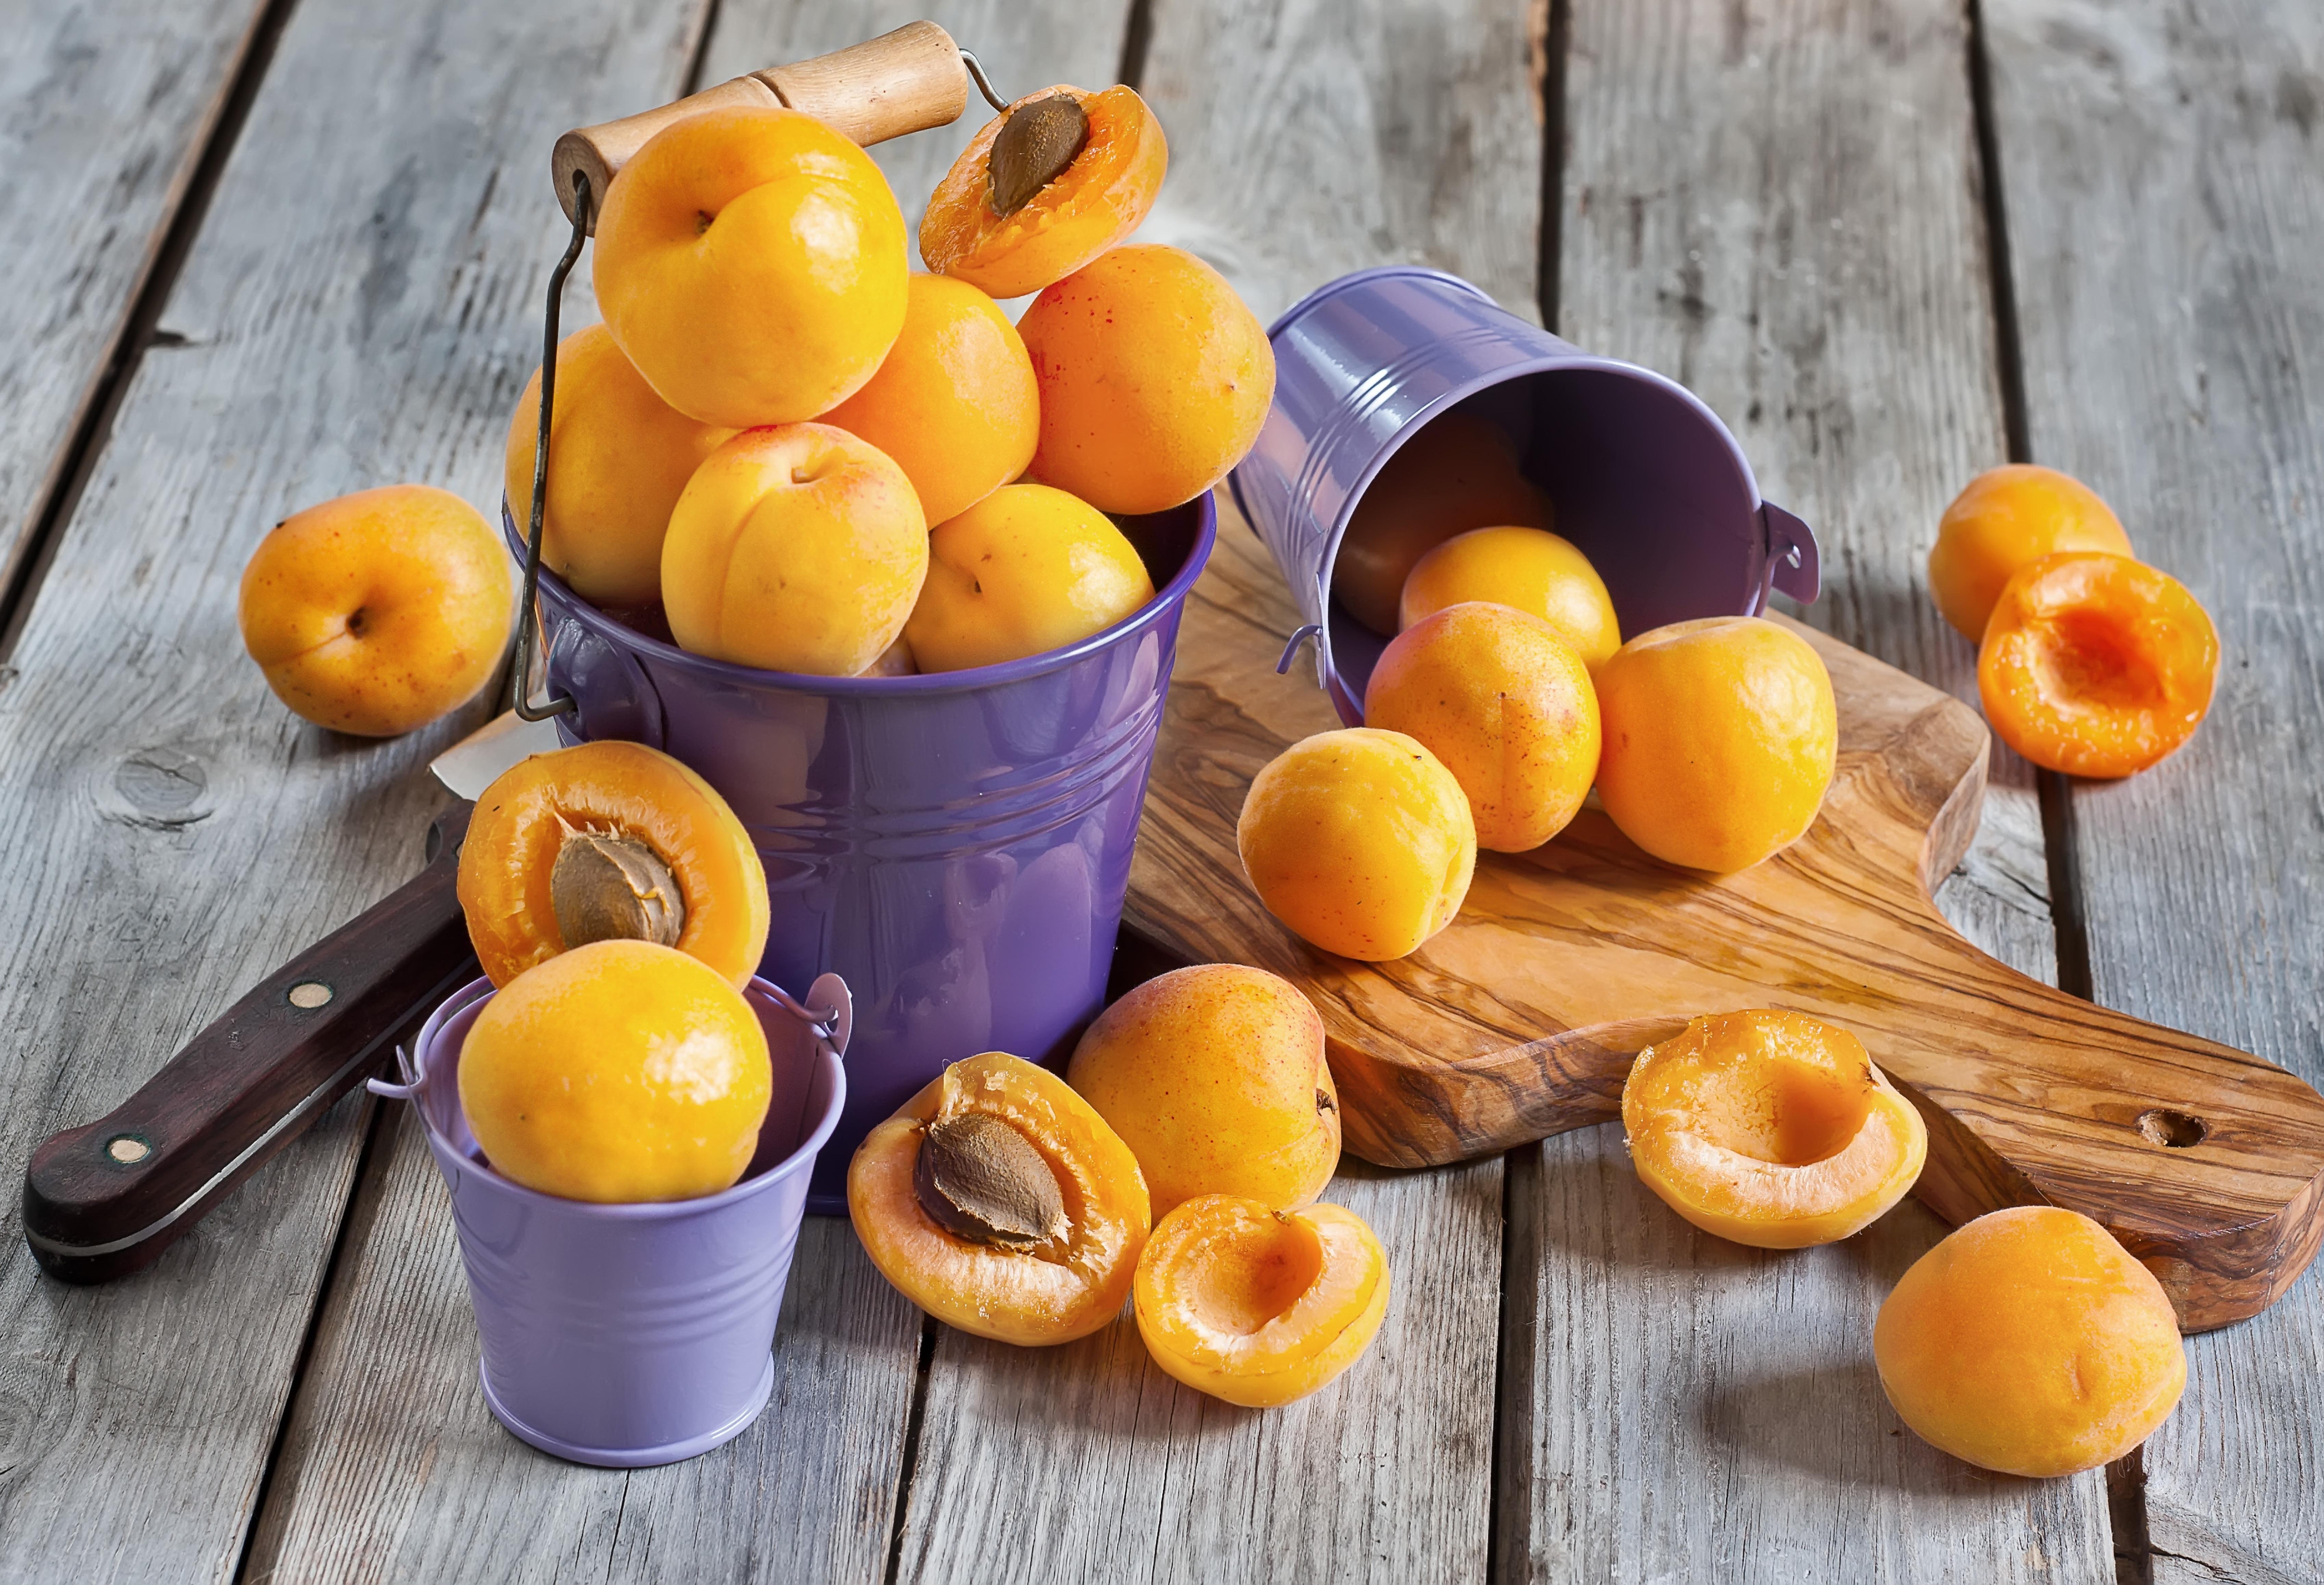 Картинки абрикосов